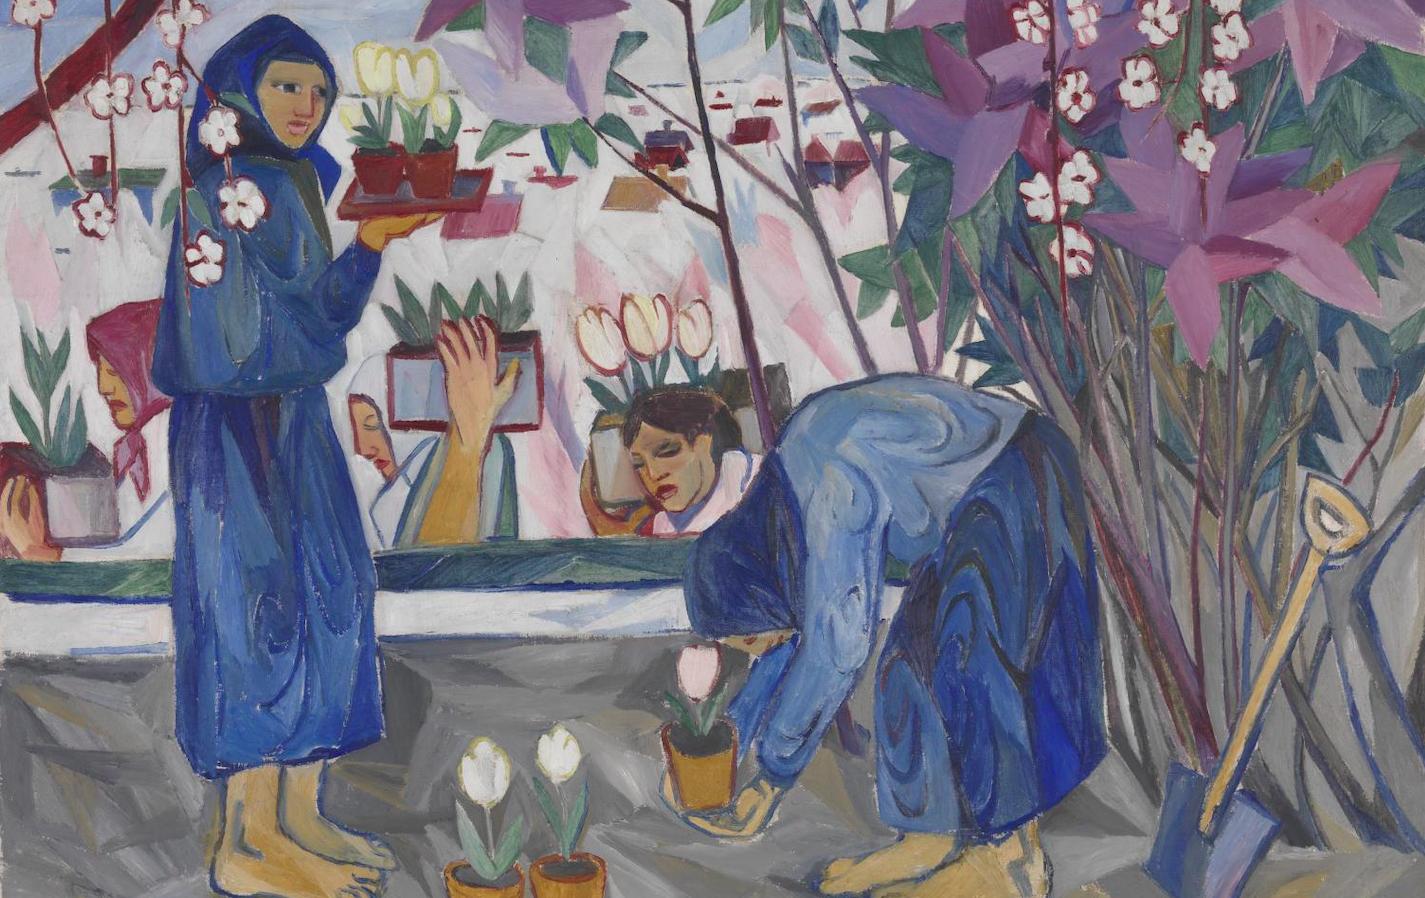 О персональной выставке Натальи Гончаровой в лондонской галерее Tate Modern